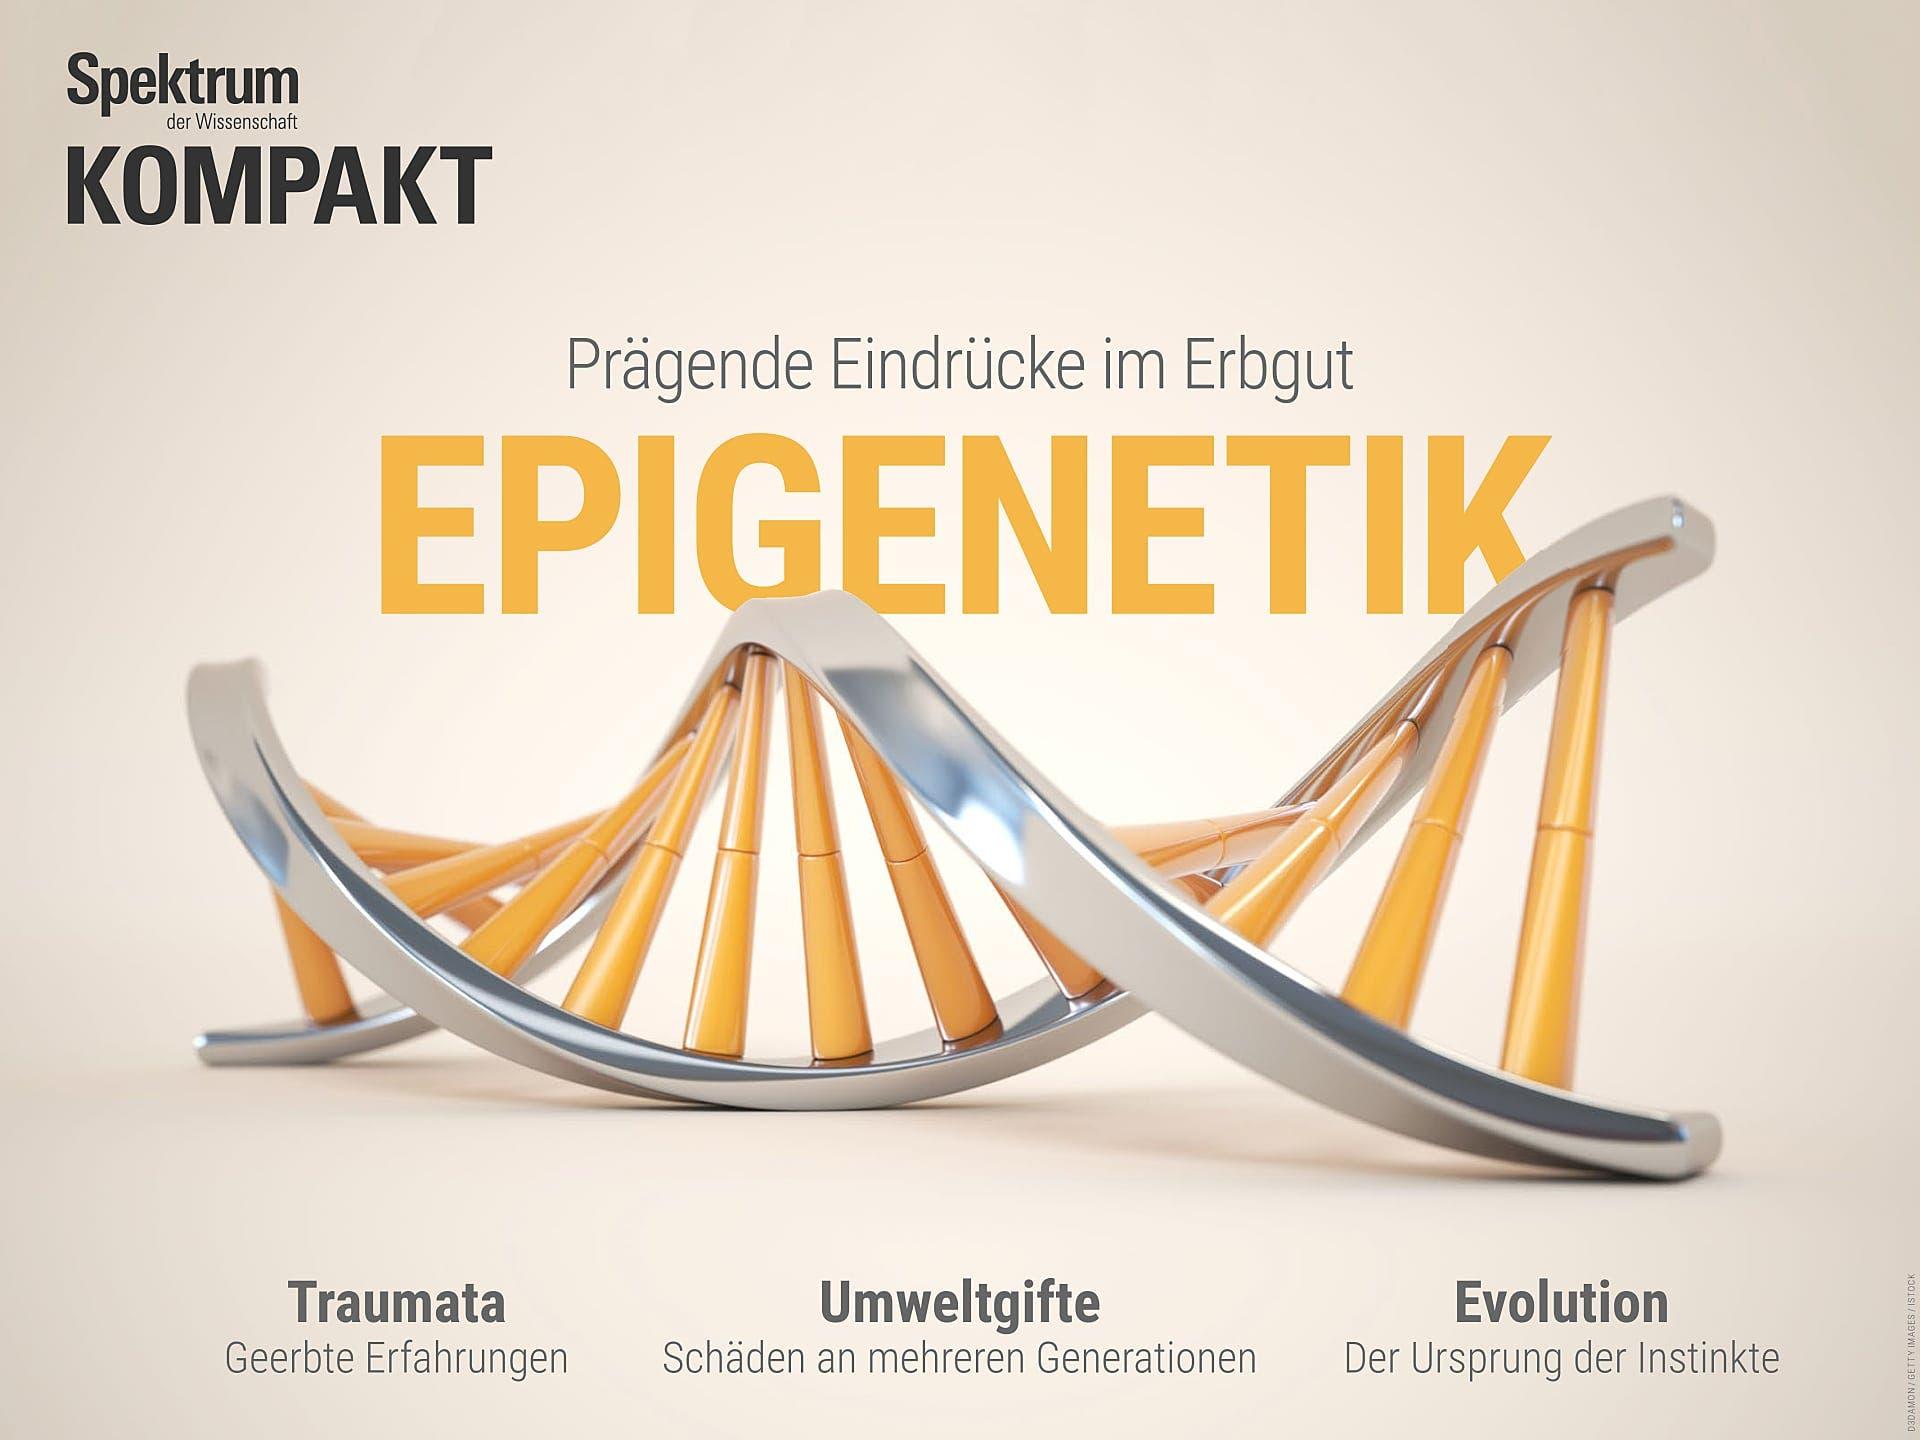 Epigenetik - Prägende Eindrücke im Erbgut